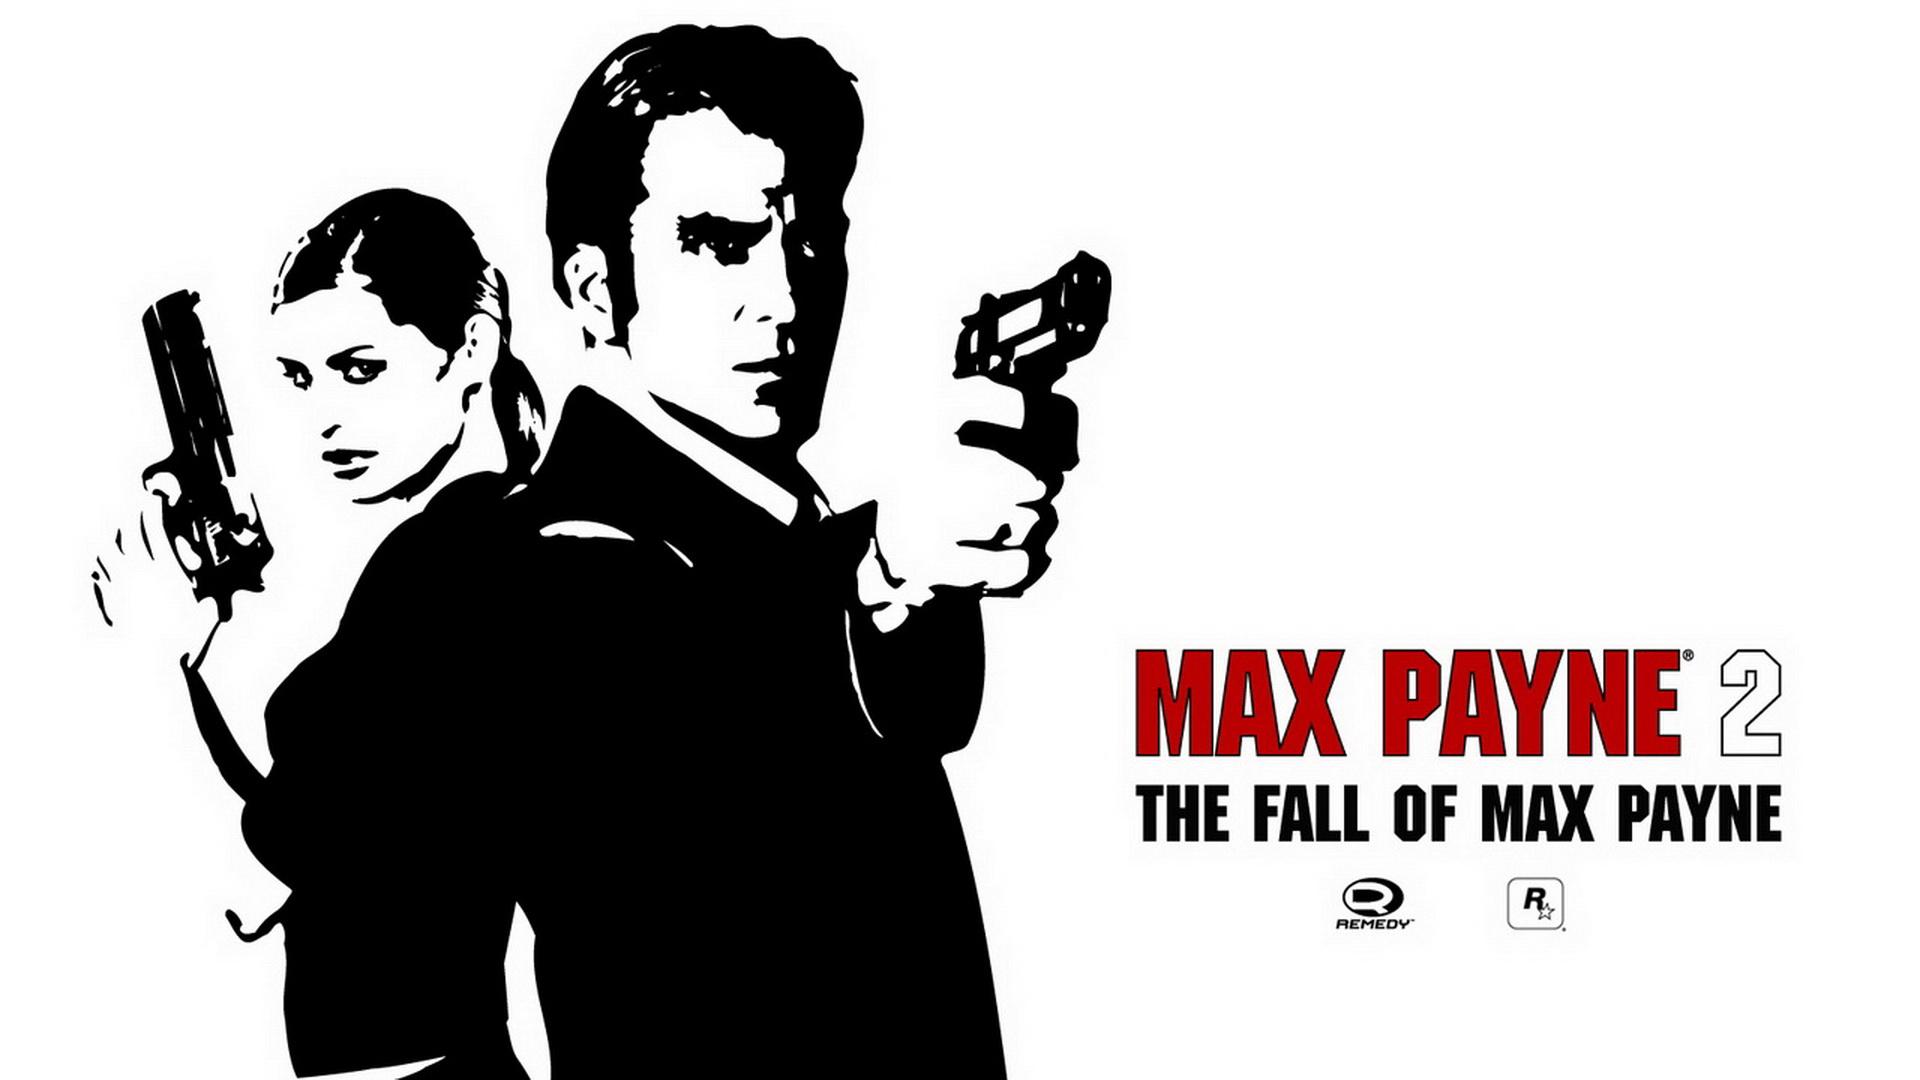 Fall Max Payne Hd Wallpapers Max Payne 2 The Fall Of Max Payne Hd Wallpaper